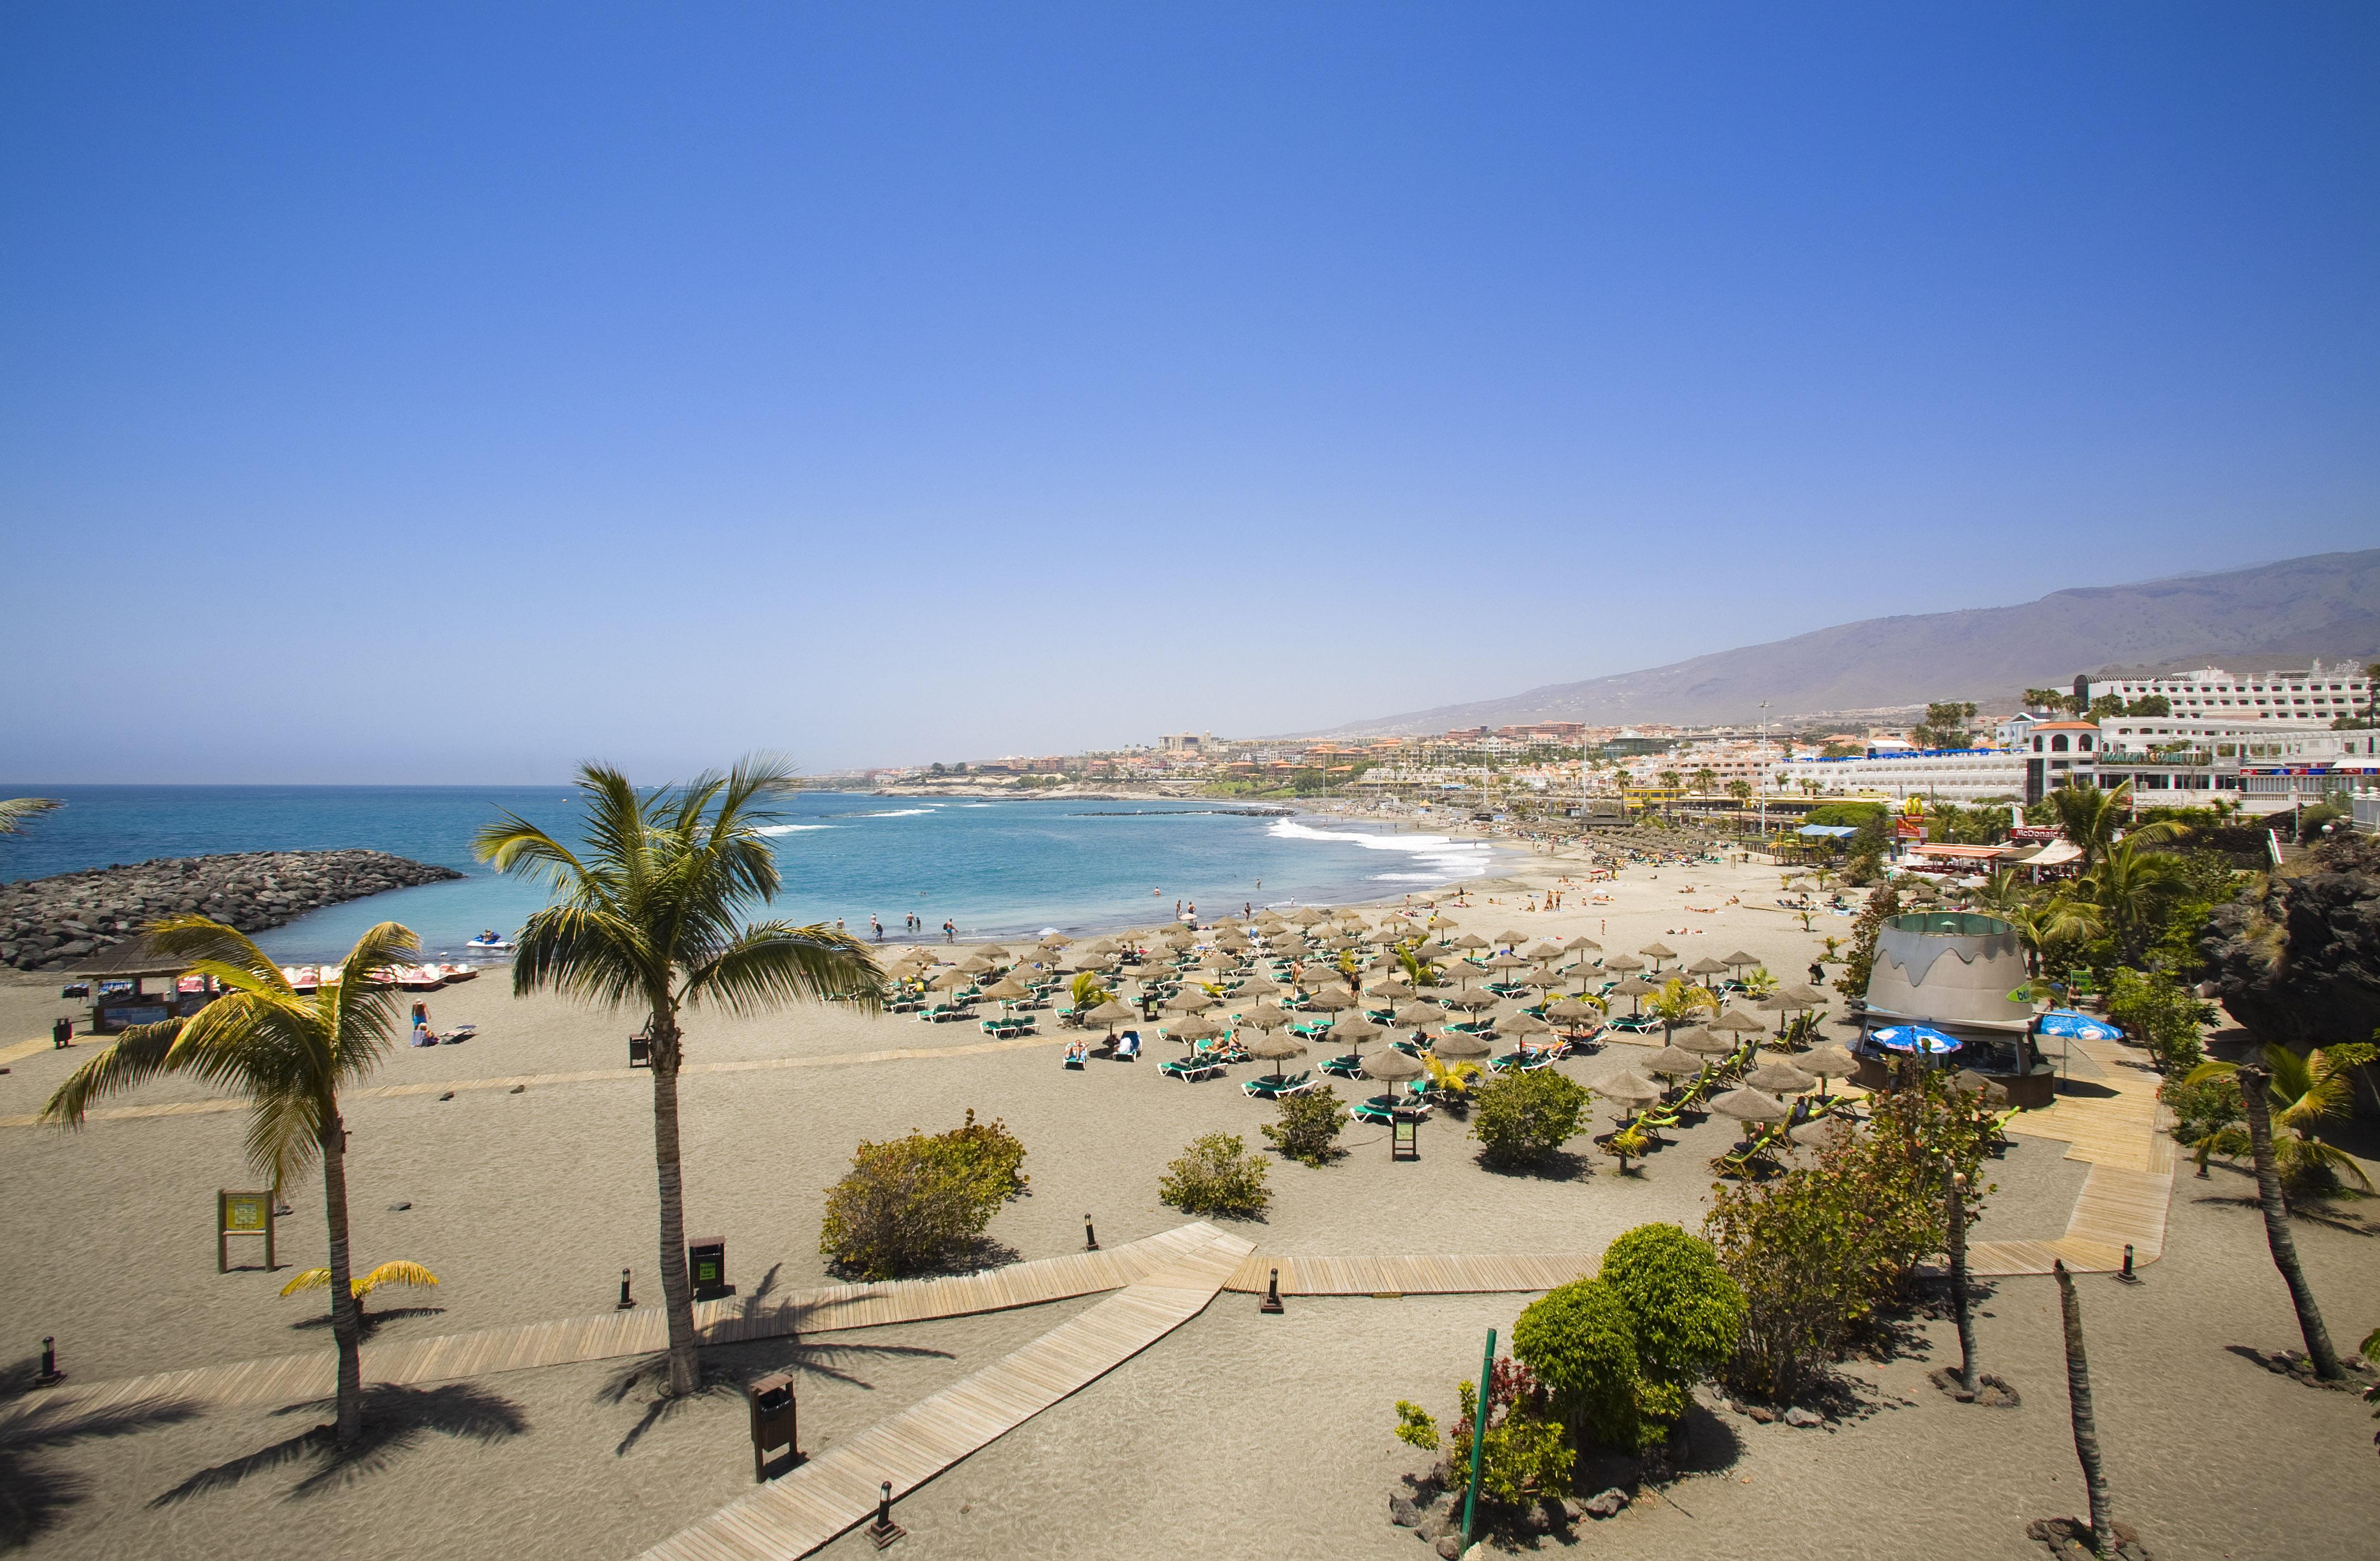 Afbeeldingsresultaat voor playa fanabe